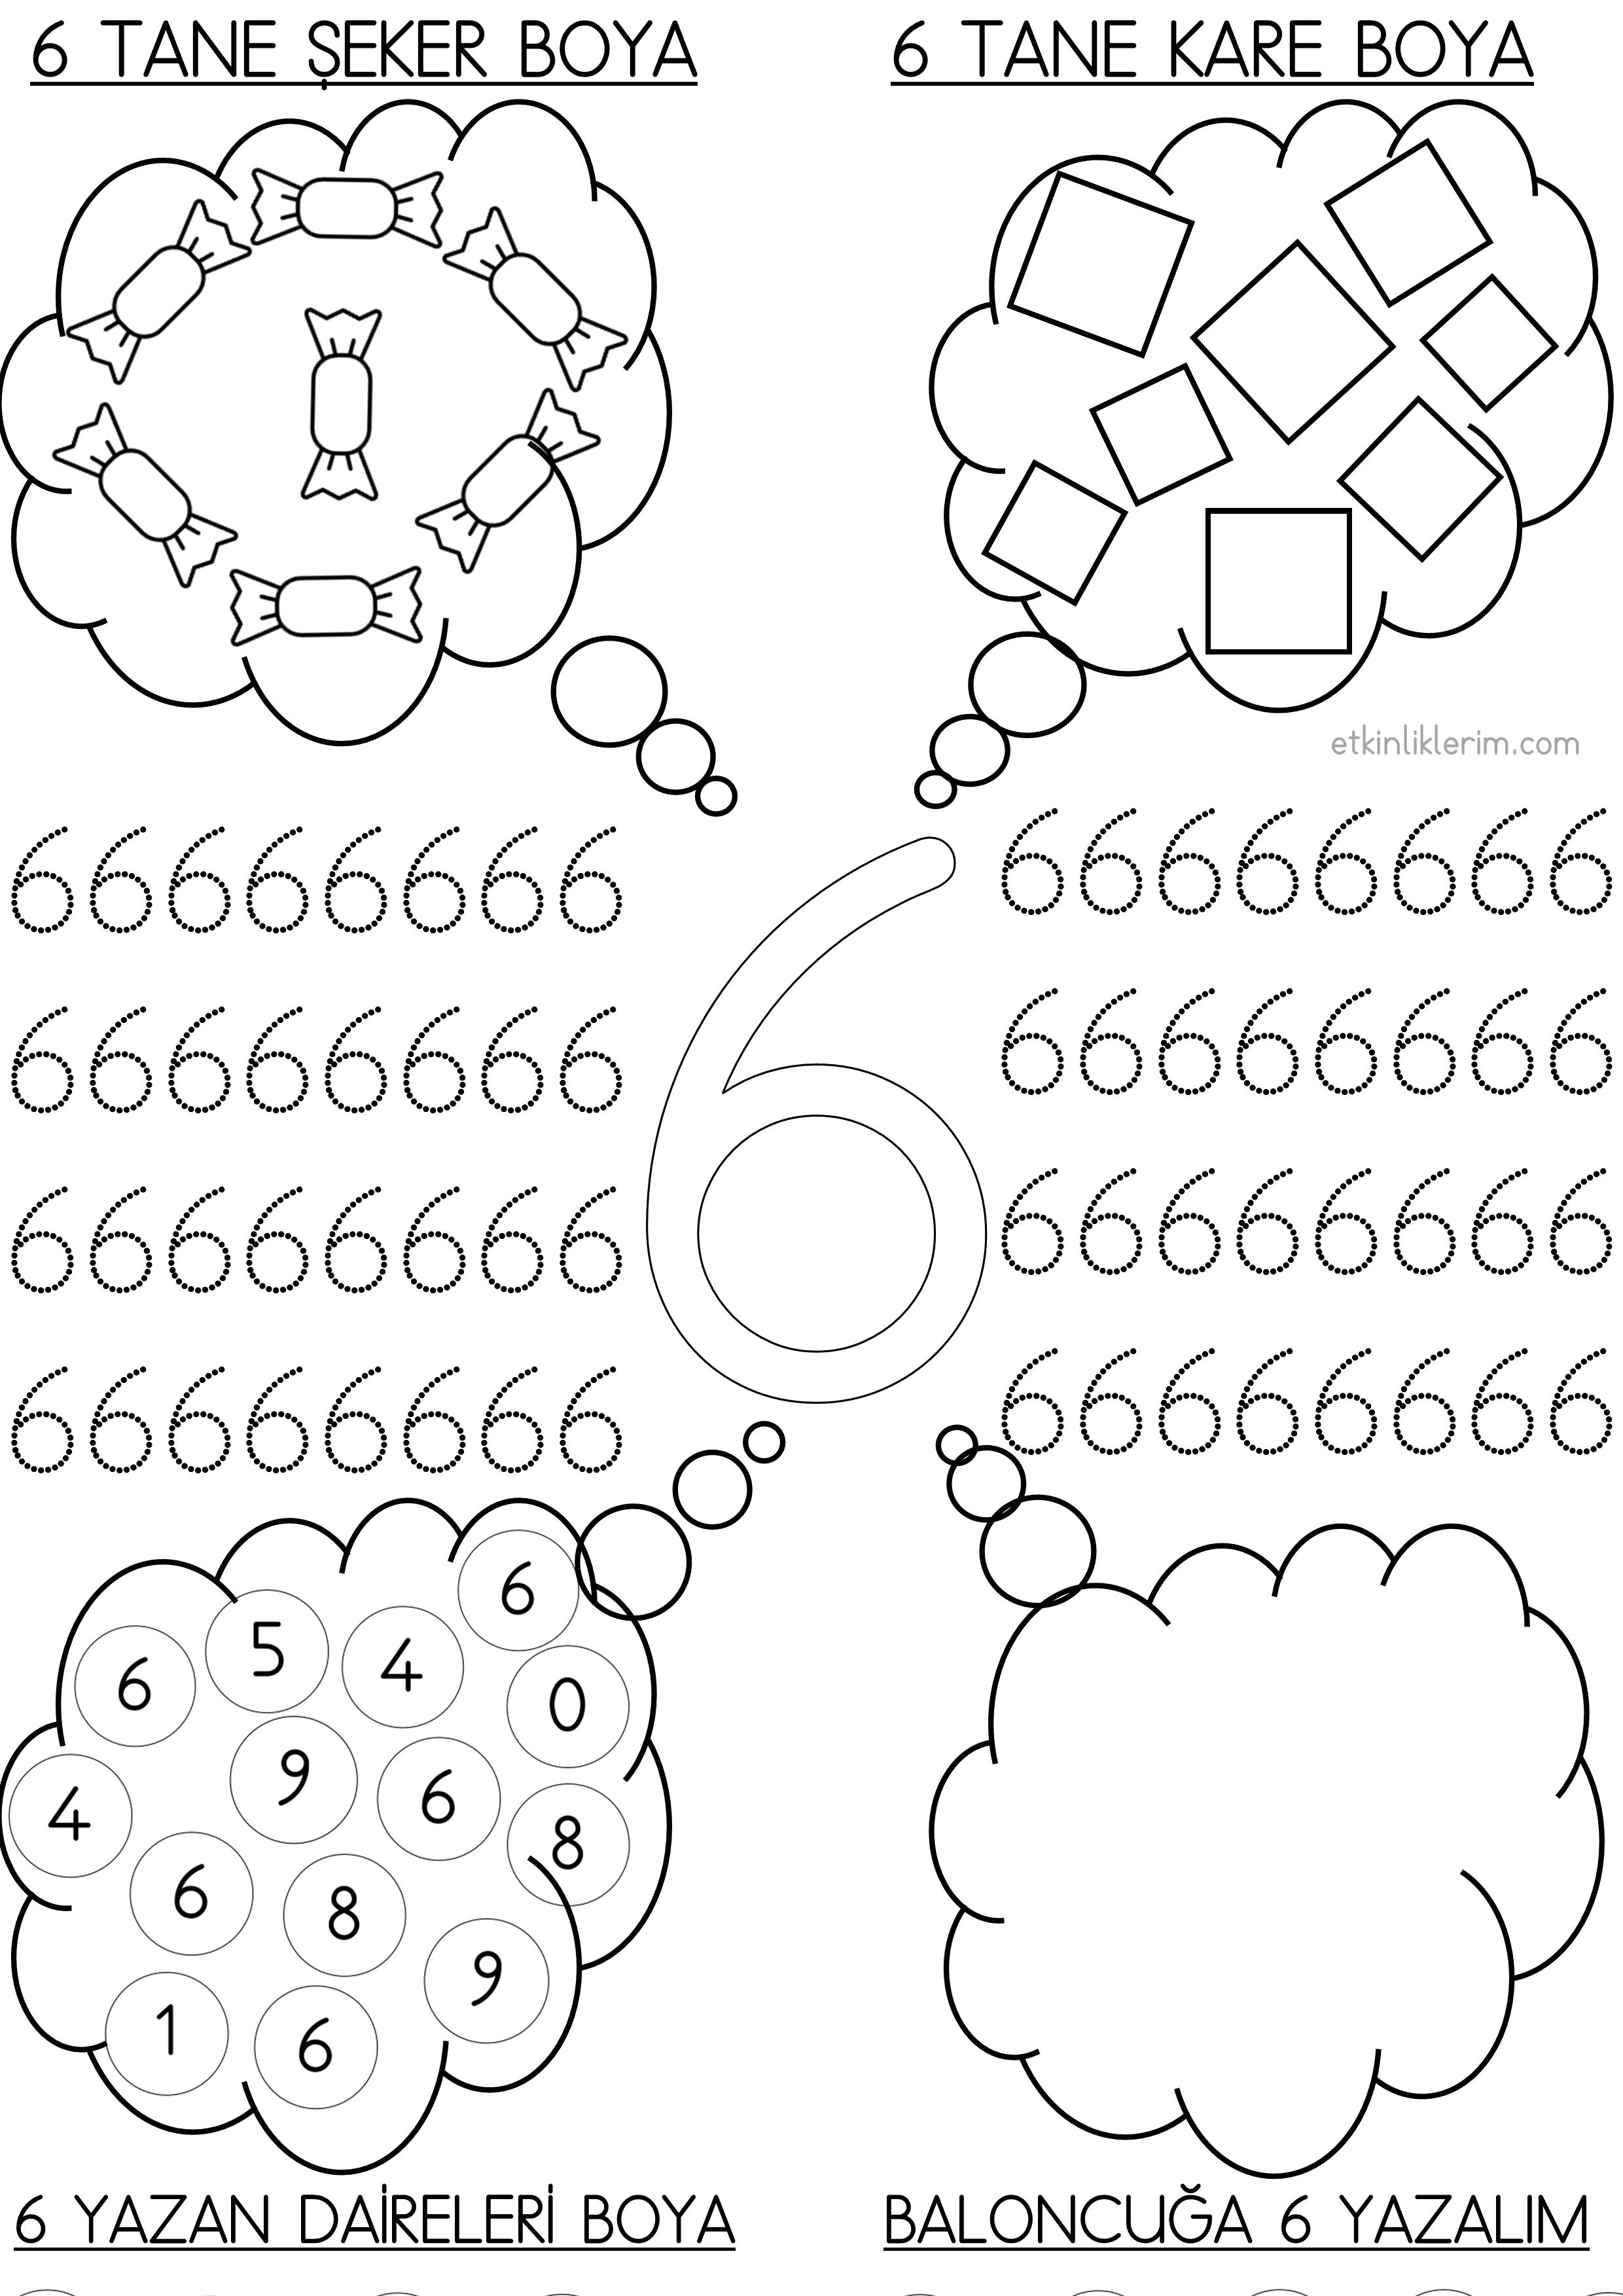 6 Rakami Okul Oncesi Baloncuklu Etkinlik Okul Okul Oncesi Anaokulu Matematigi